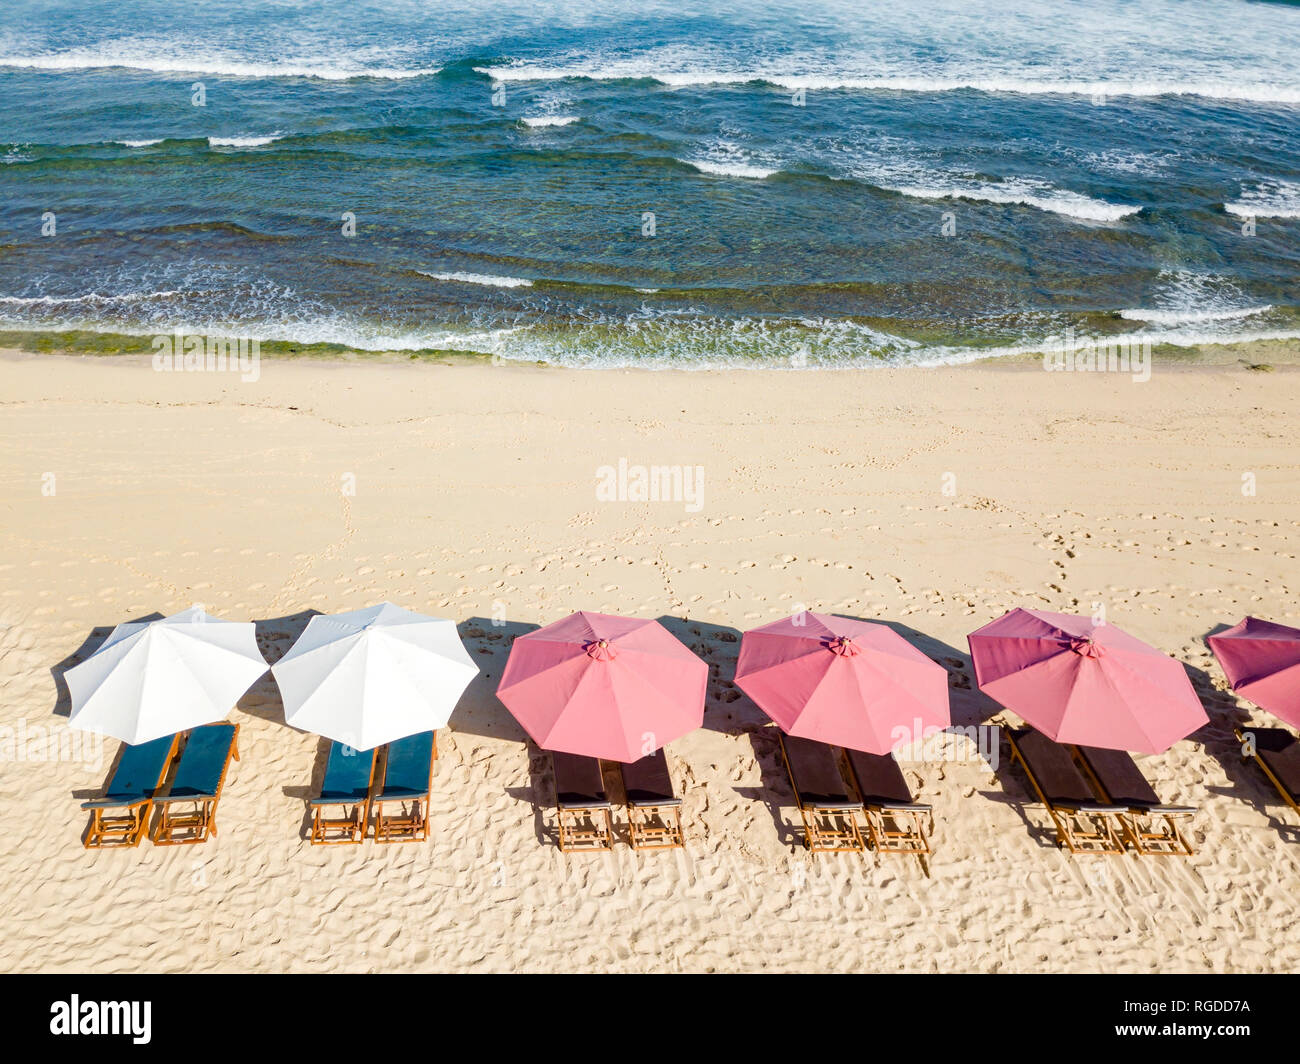 Indonesien, Bali, Luftaufnahme von Balangan Beach, Sonnenliegen und Sonnenschirmen Stockbild